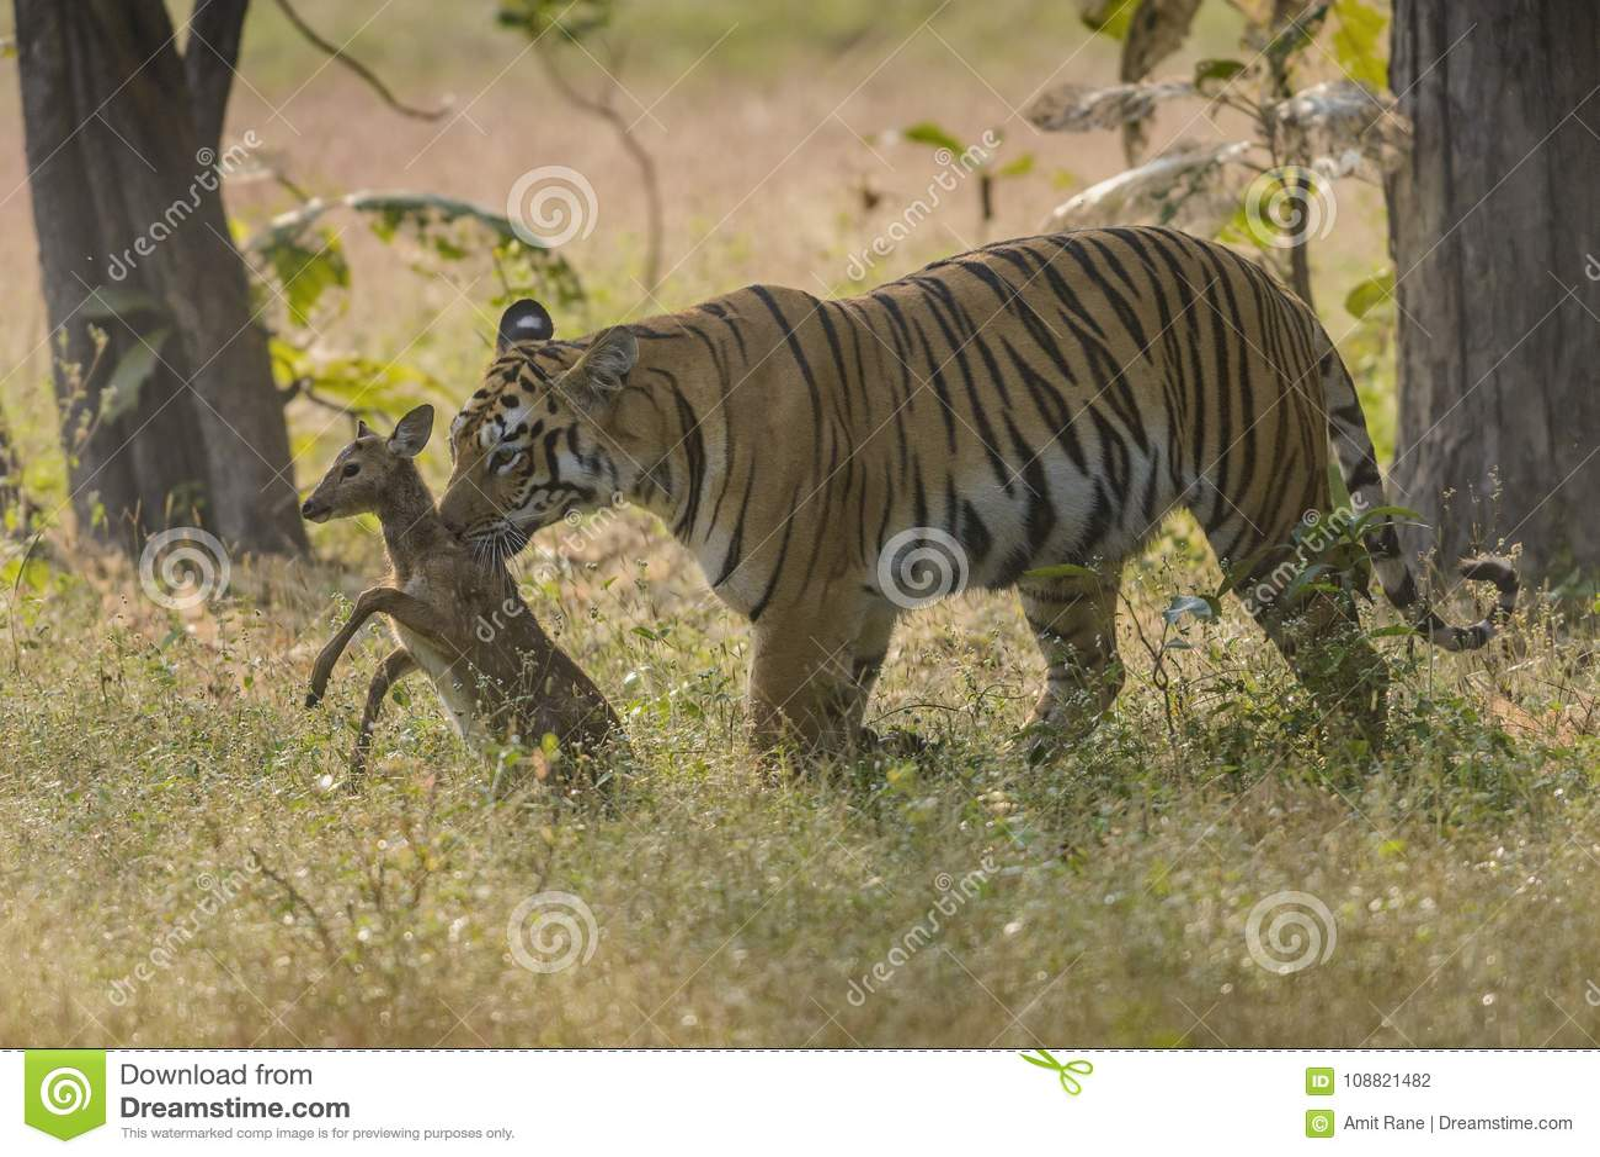 寻找被察觉的鹿小鹿的老虎